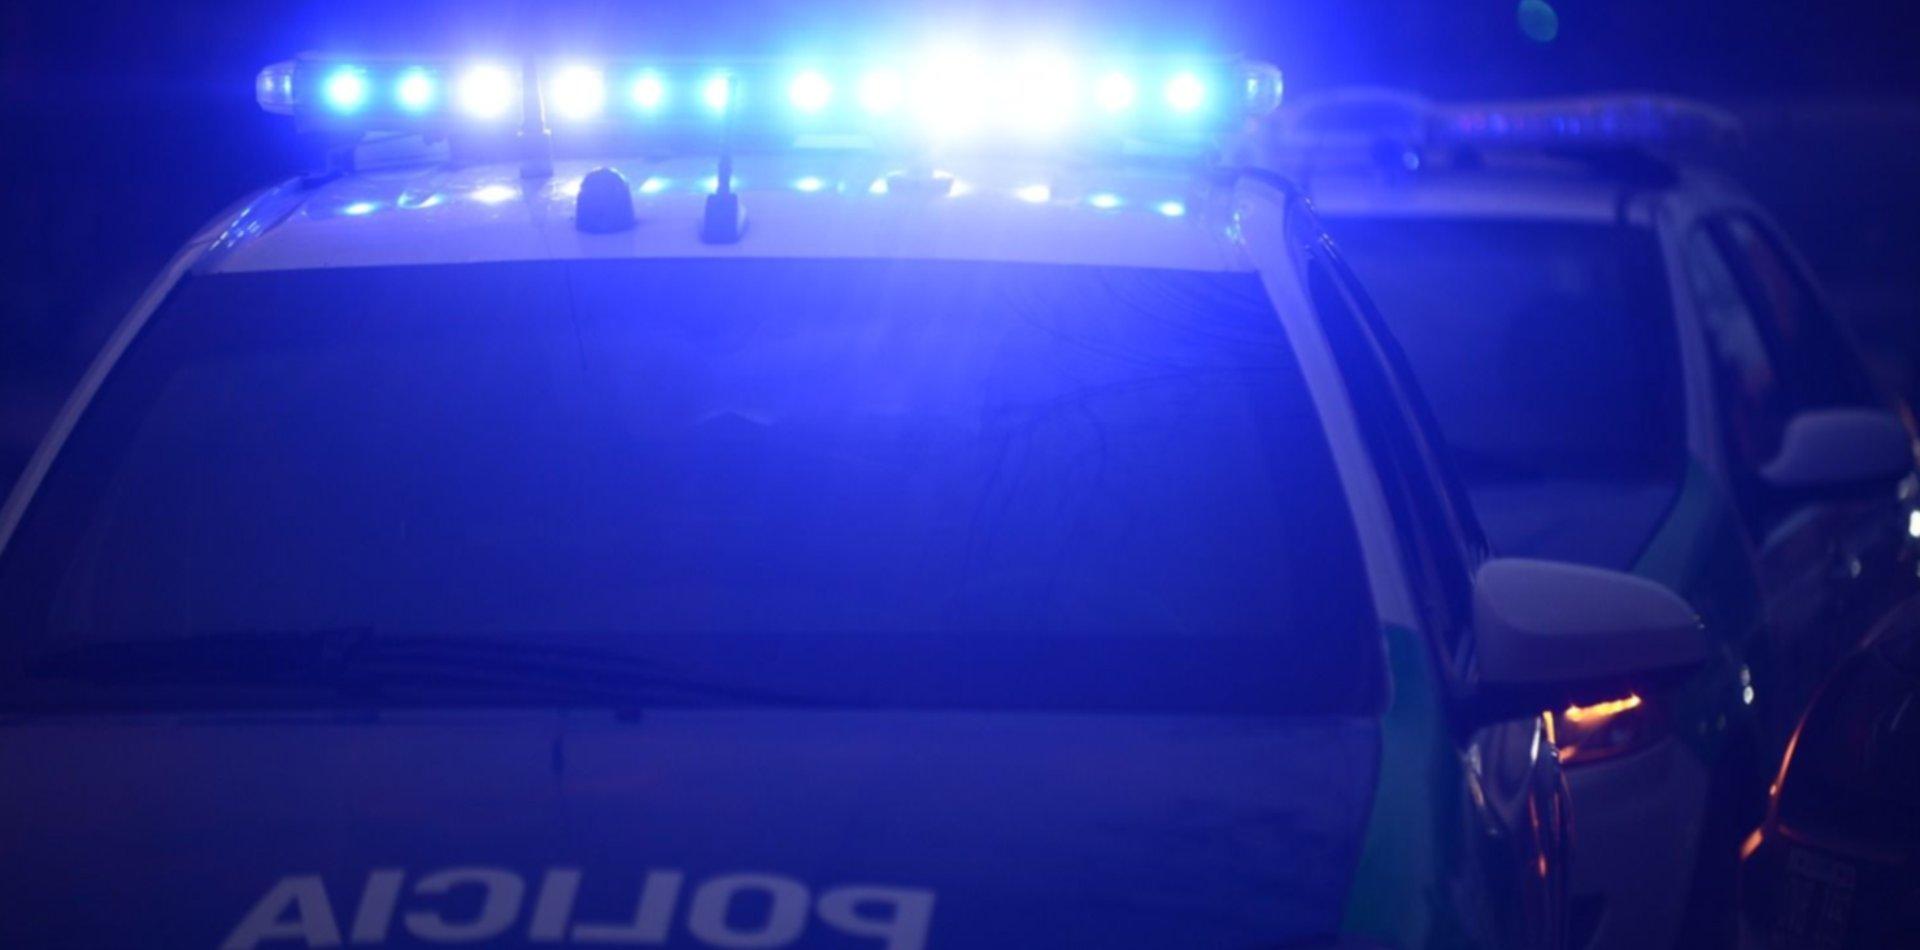 Una joven denunció que un hombre entró a su casa por el balcón y abusó de ella